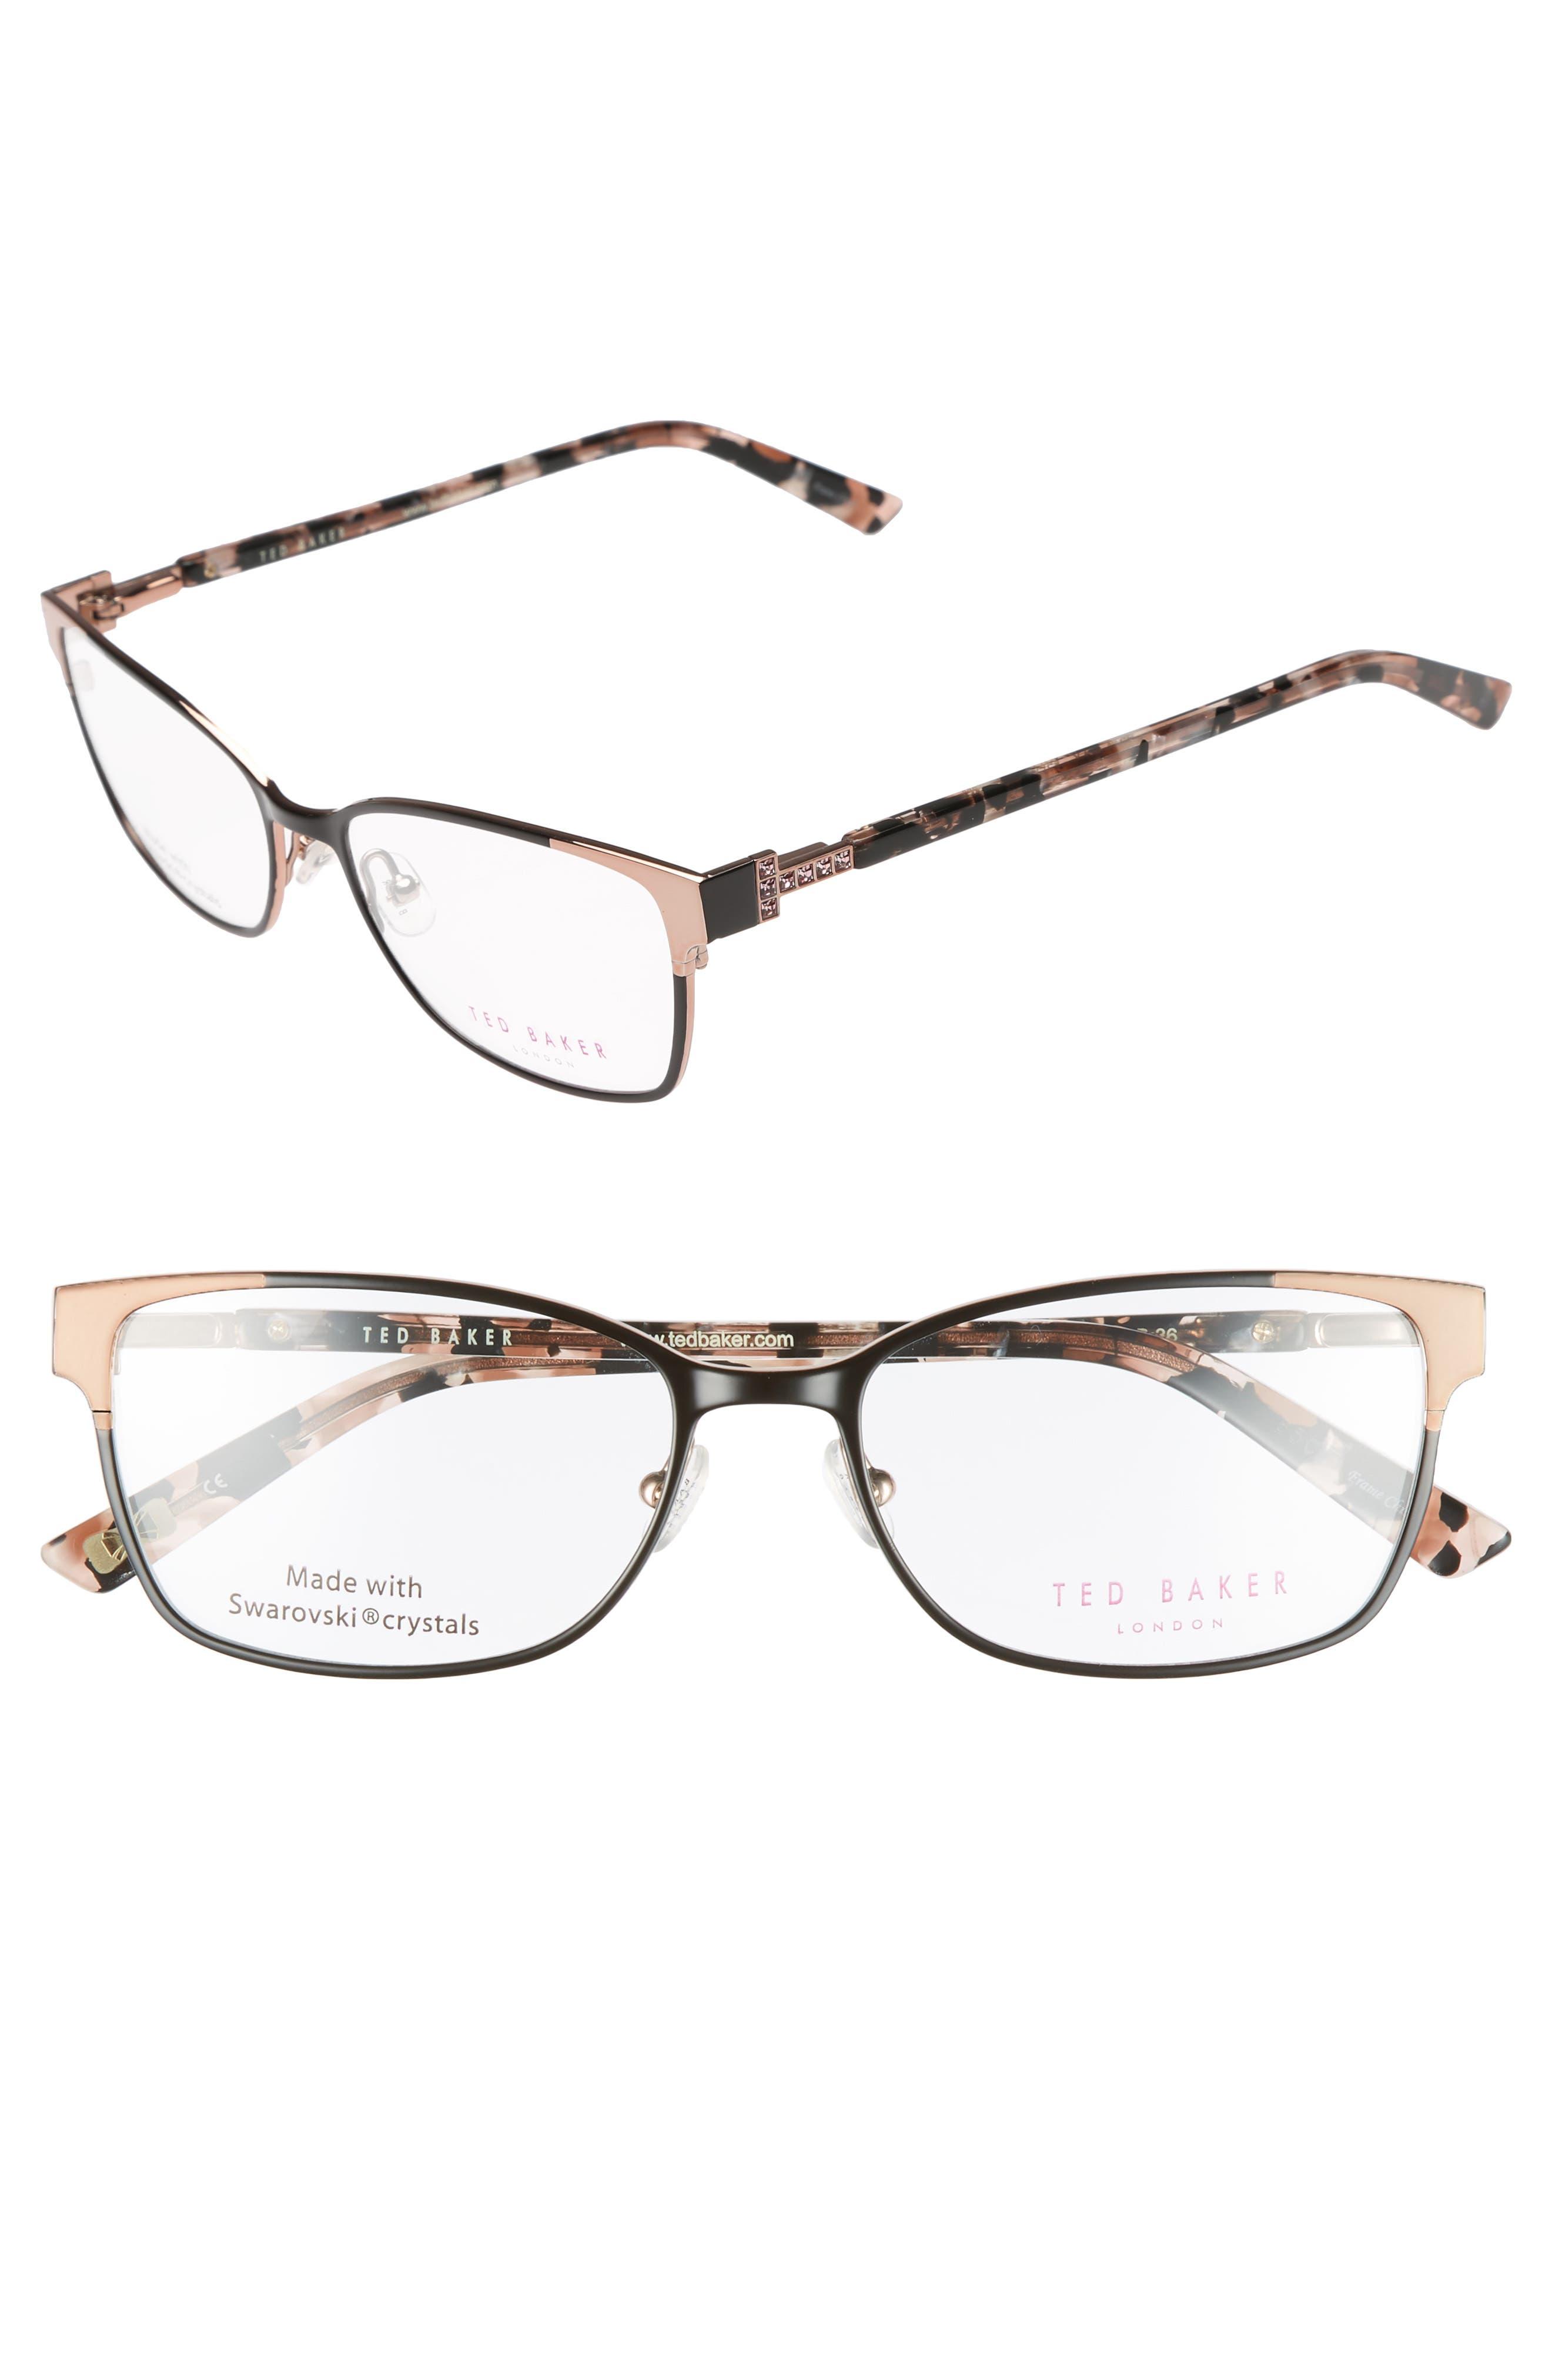 Ted Baker London 52mm Crystal Rectangular Optical Glasses